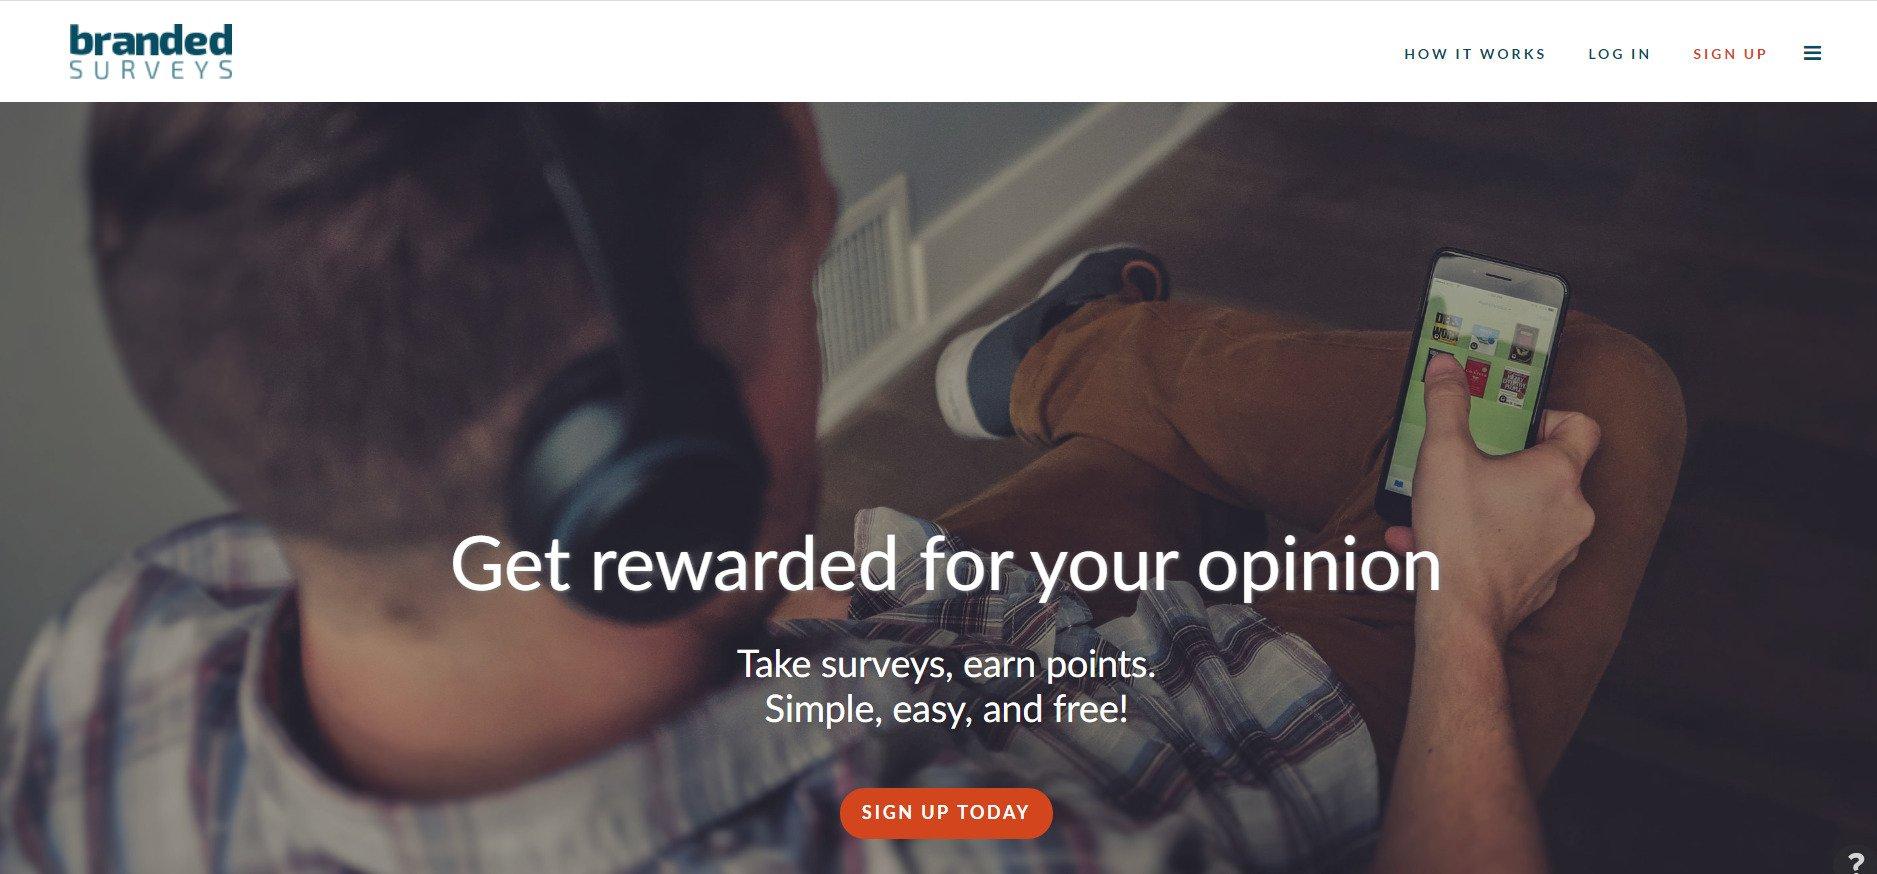 branded surveys signup